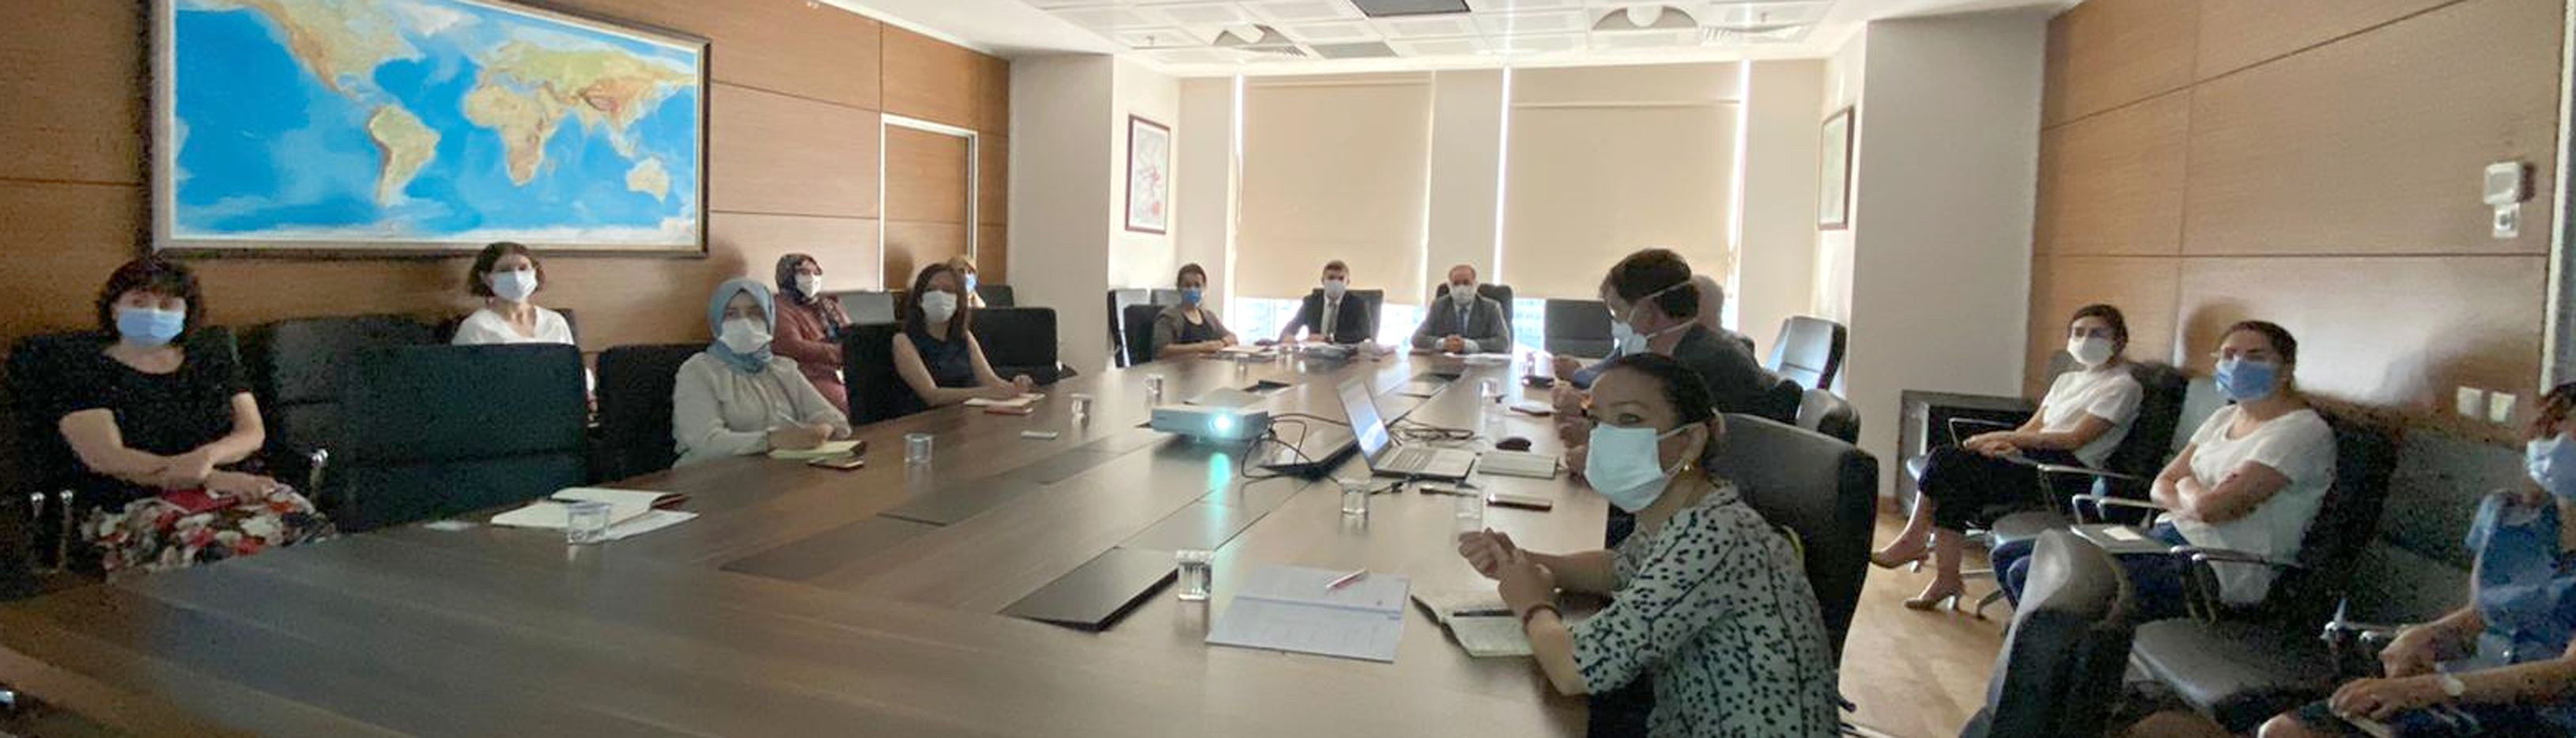 """""""Kentsel Tasarım Rehberleri Uygulama Projesi"""" Değerlendirme Toplantısı 27.08.2020 Tarihinde Gerçekleştirildi"""